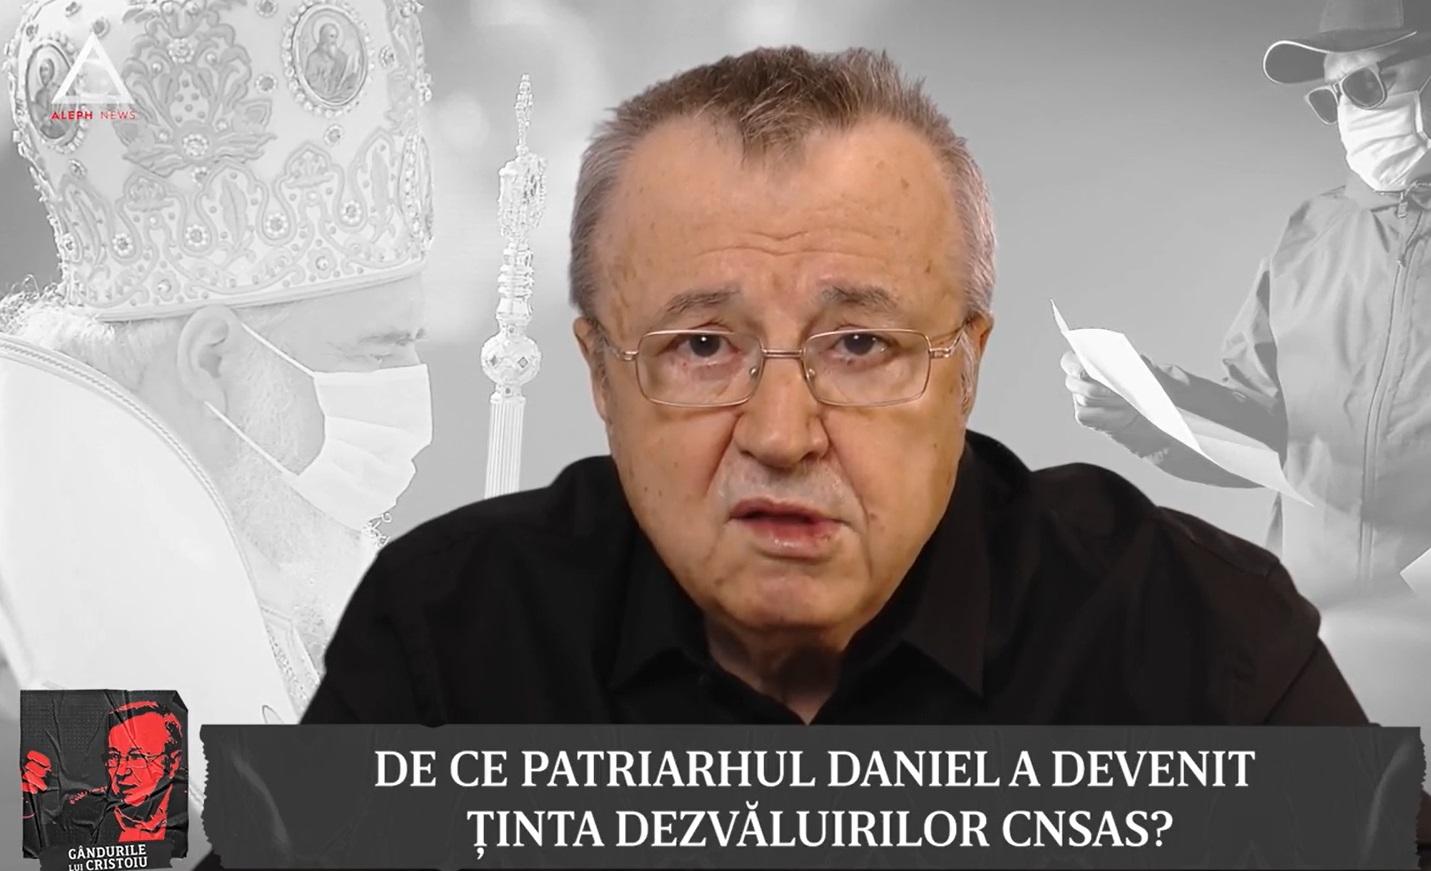 Gândurile lui Cristoiu. De ce Patriarhul Daniel a devenit ținta dezvăluirilor CNSAS?